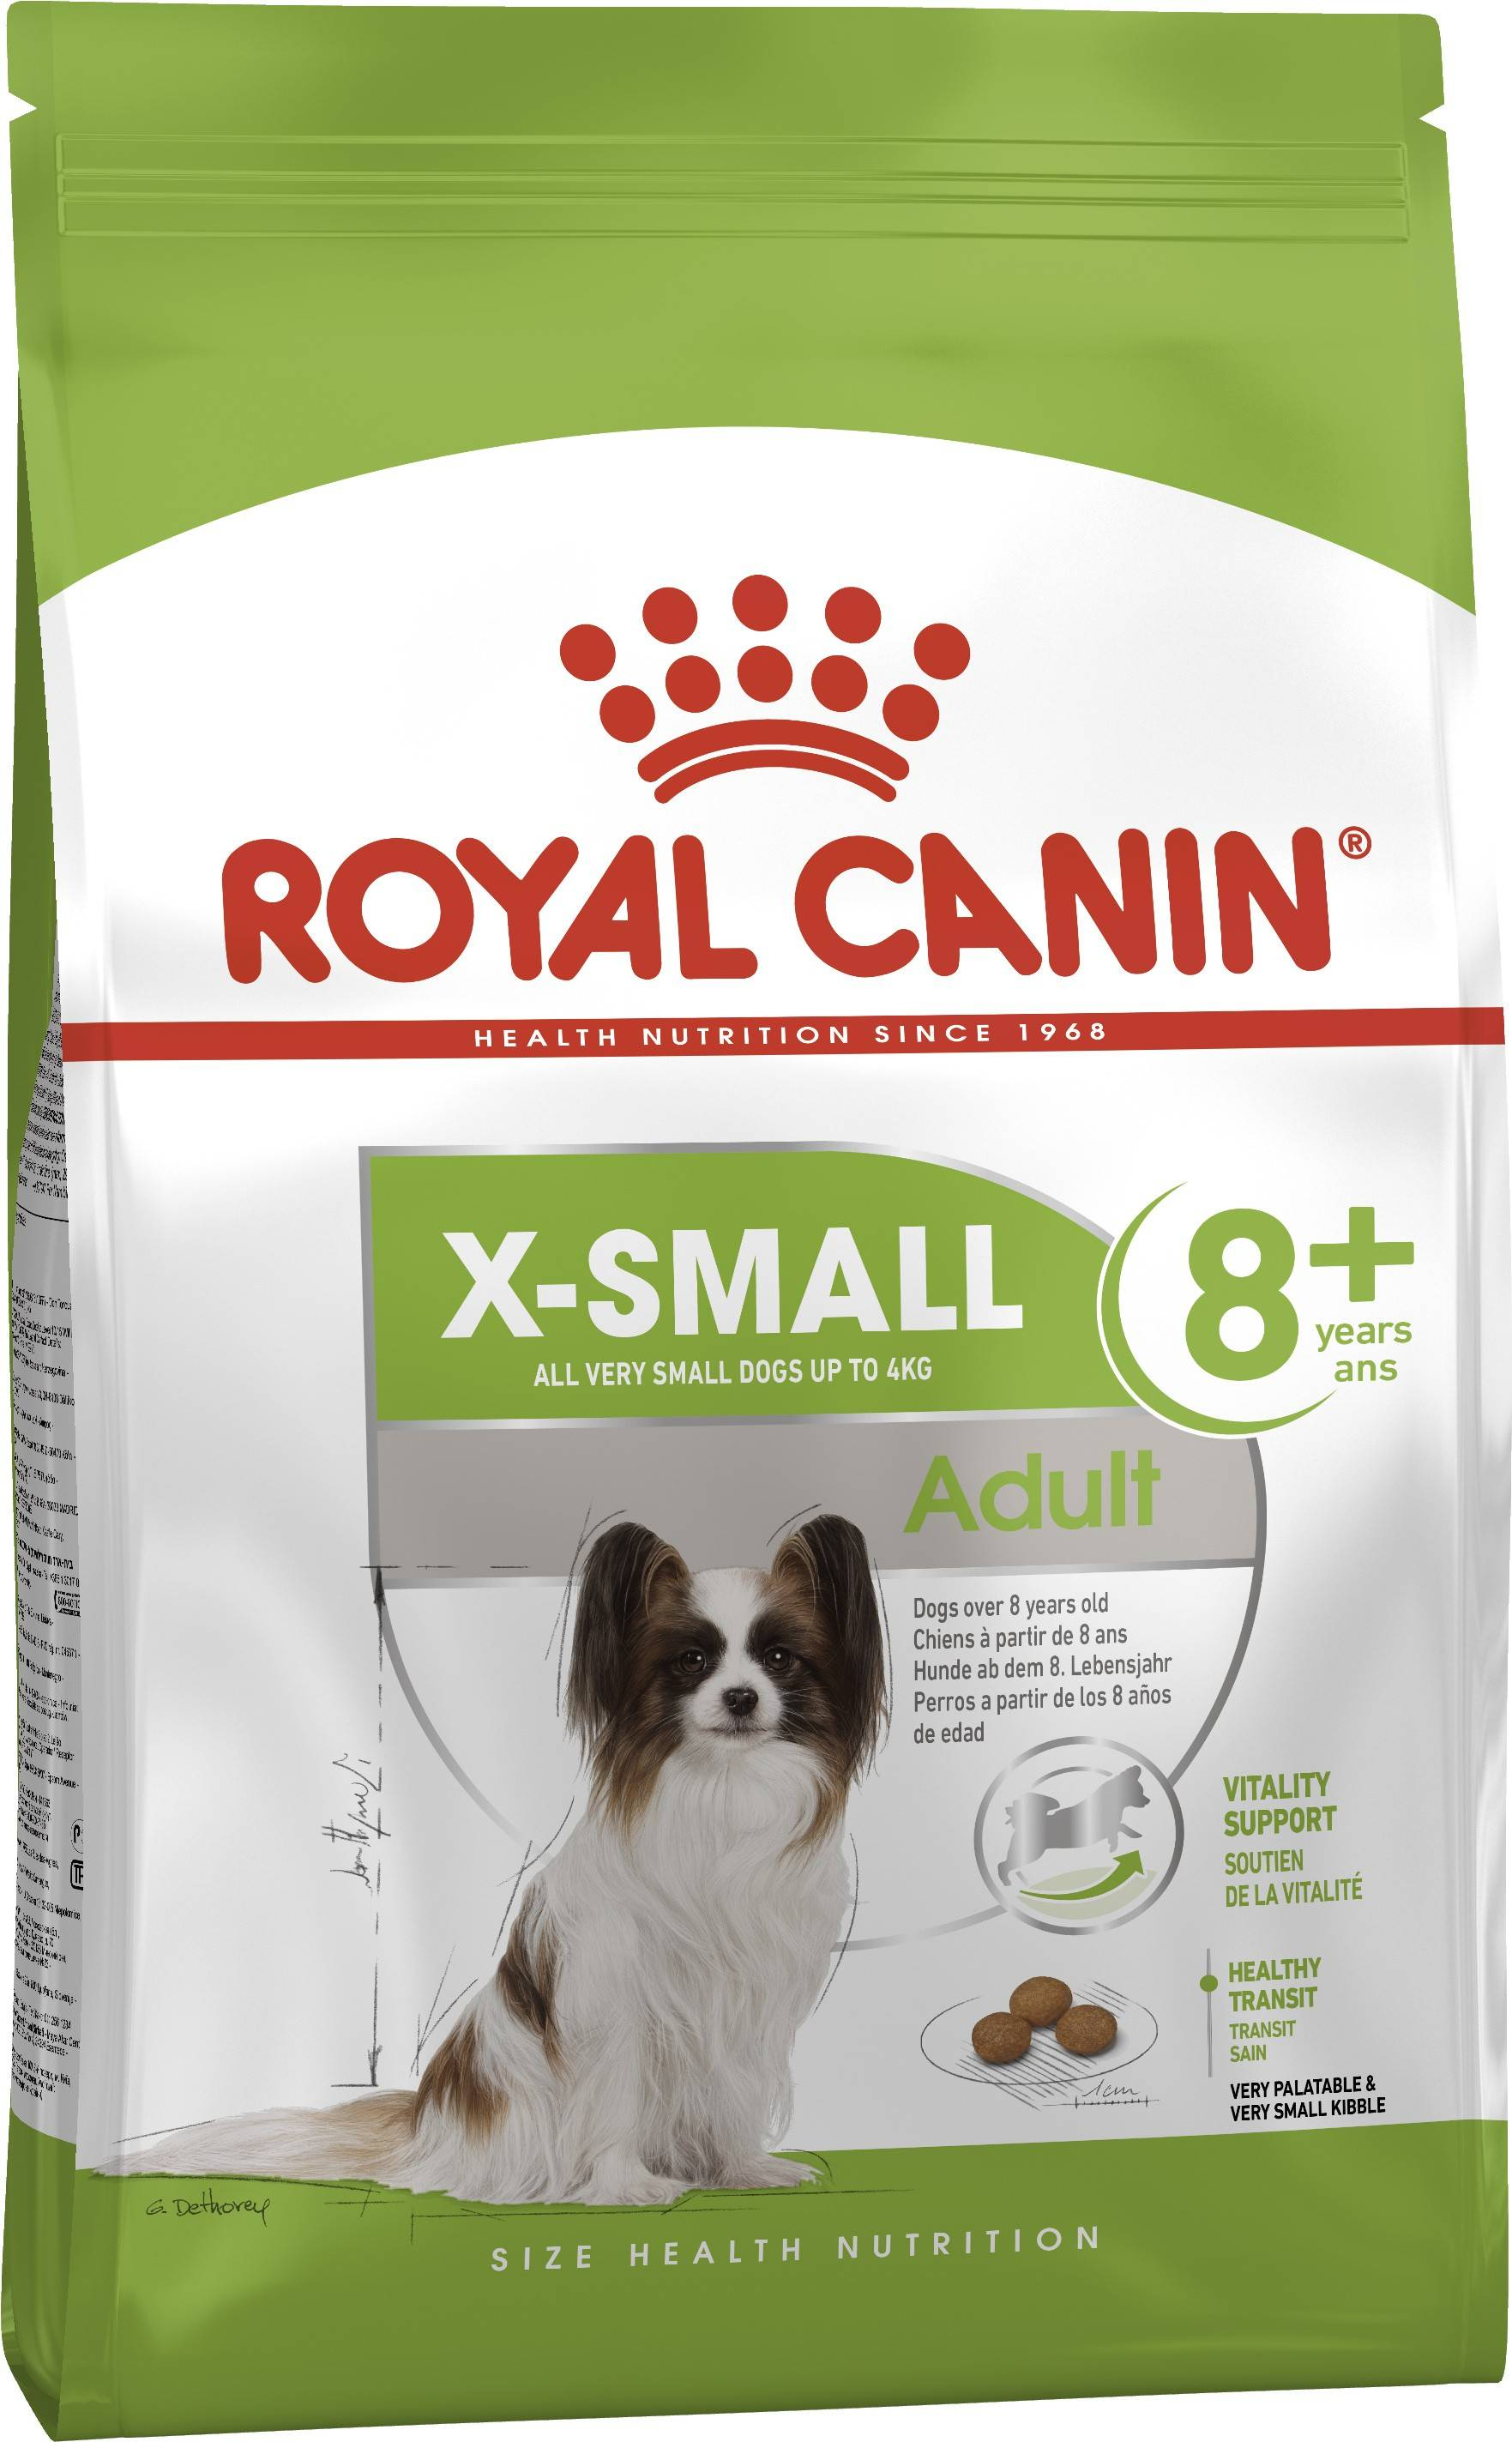 ROYAL CANIN X-SMALL ADULT 8+ – сухий корм для собак мініатюрних порід старше 8 років